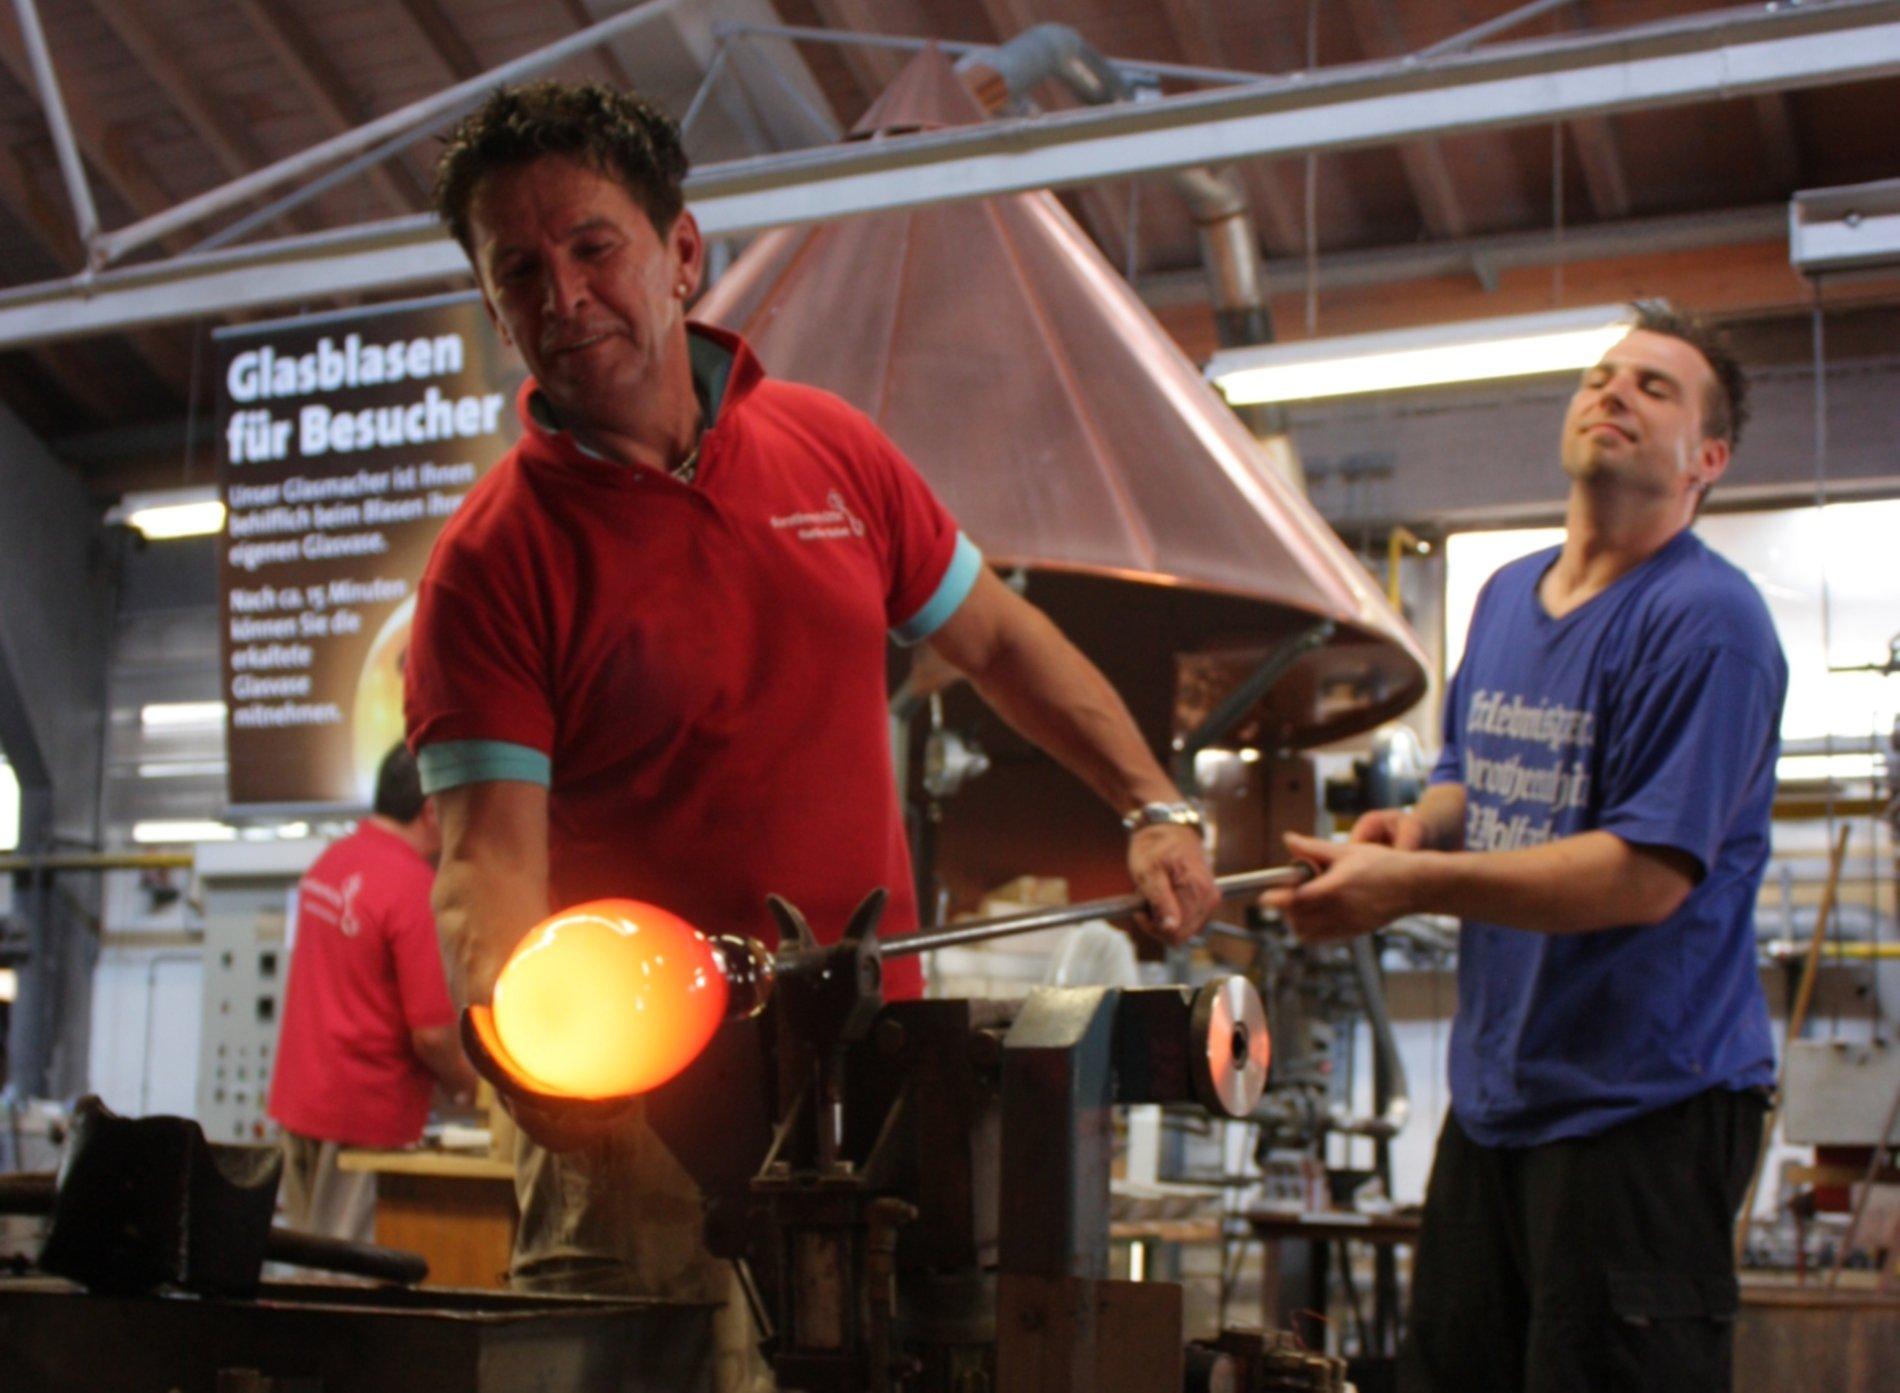 Glasmacher in der Dorotheenhütte Wolfach